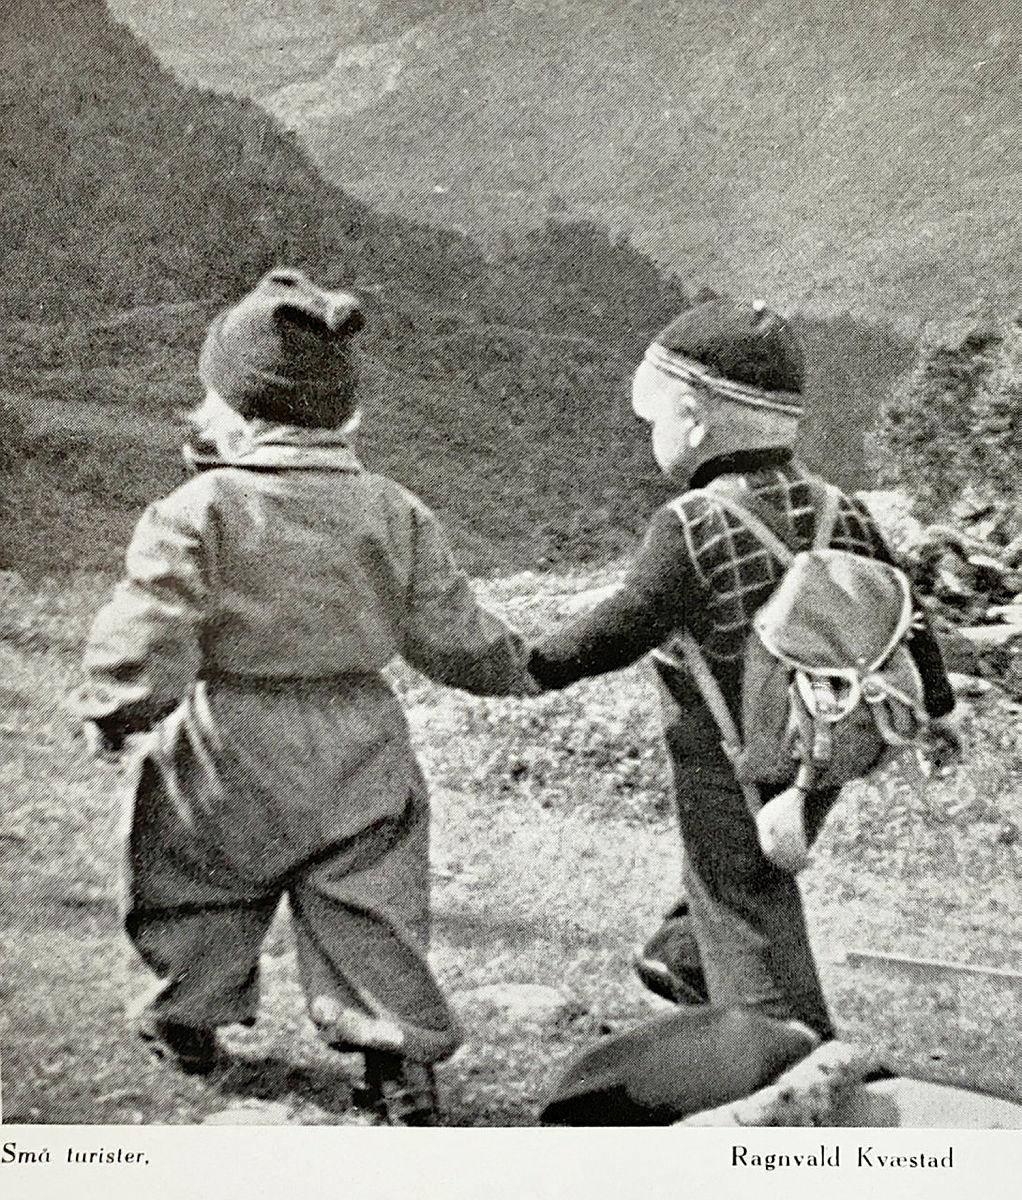 Bidrag i fotokonkurransen i årboka fra 1947.